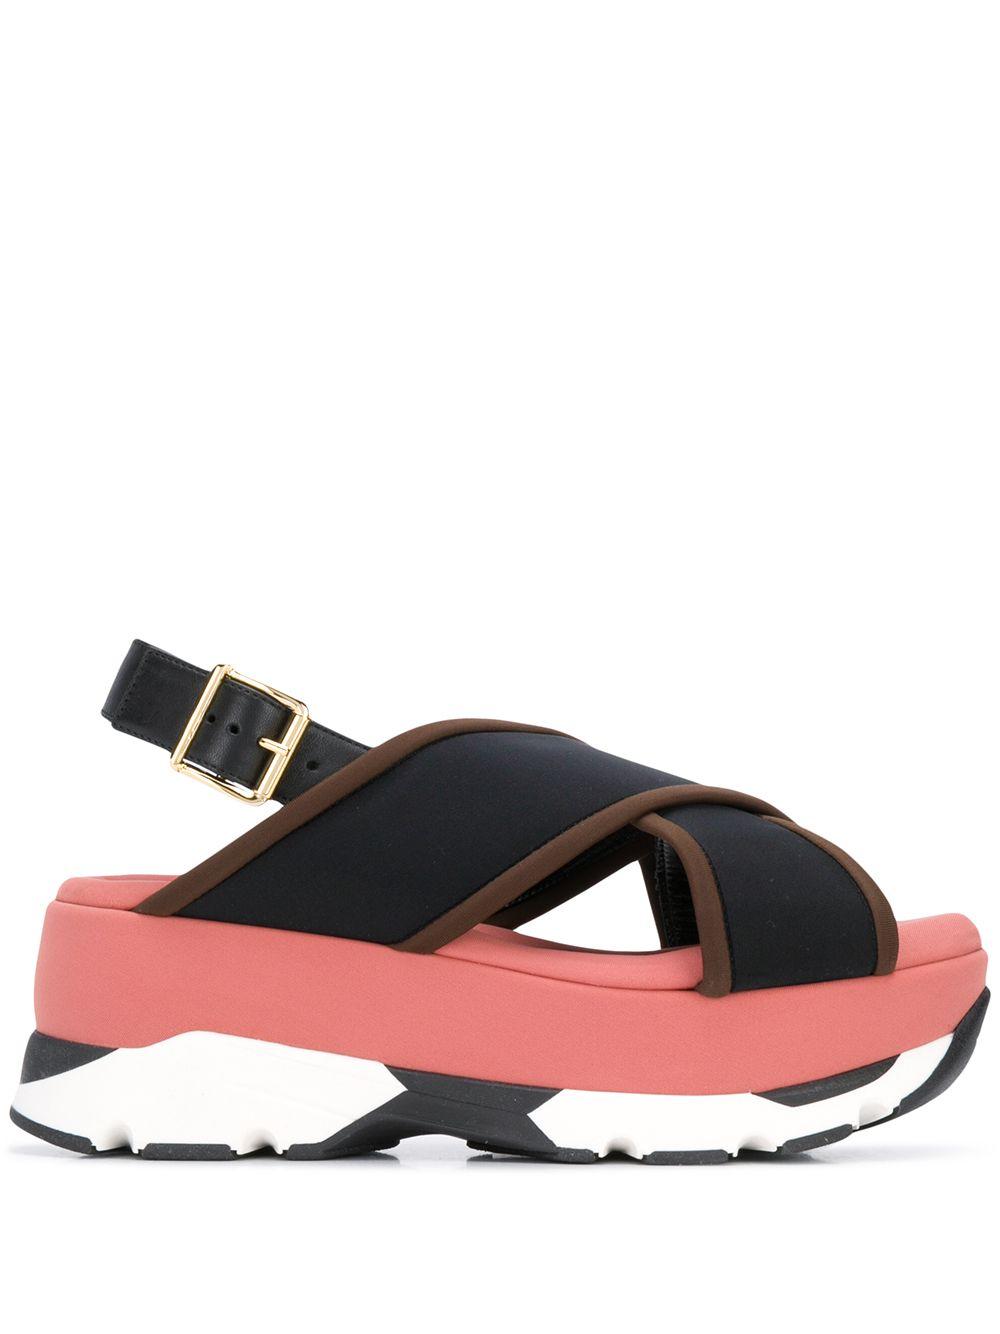 Marni Wedge-Sandalen mit Schnalle - Blau